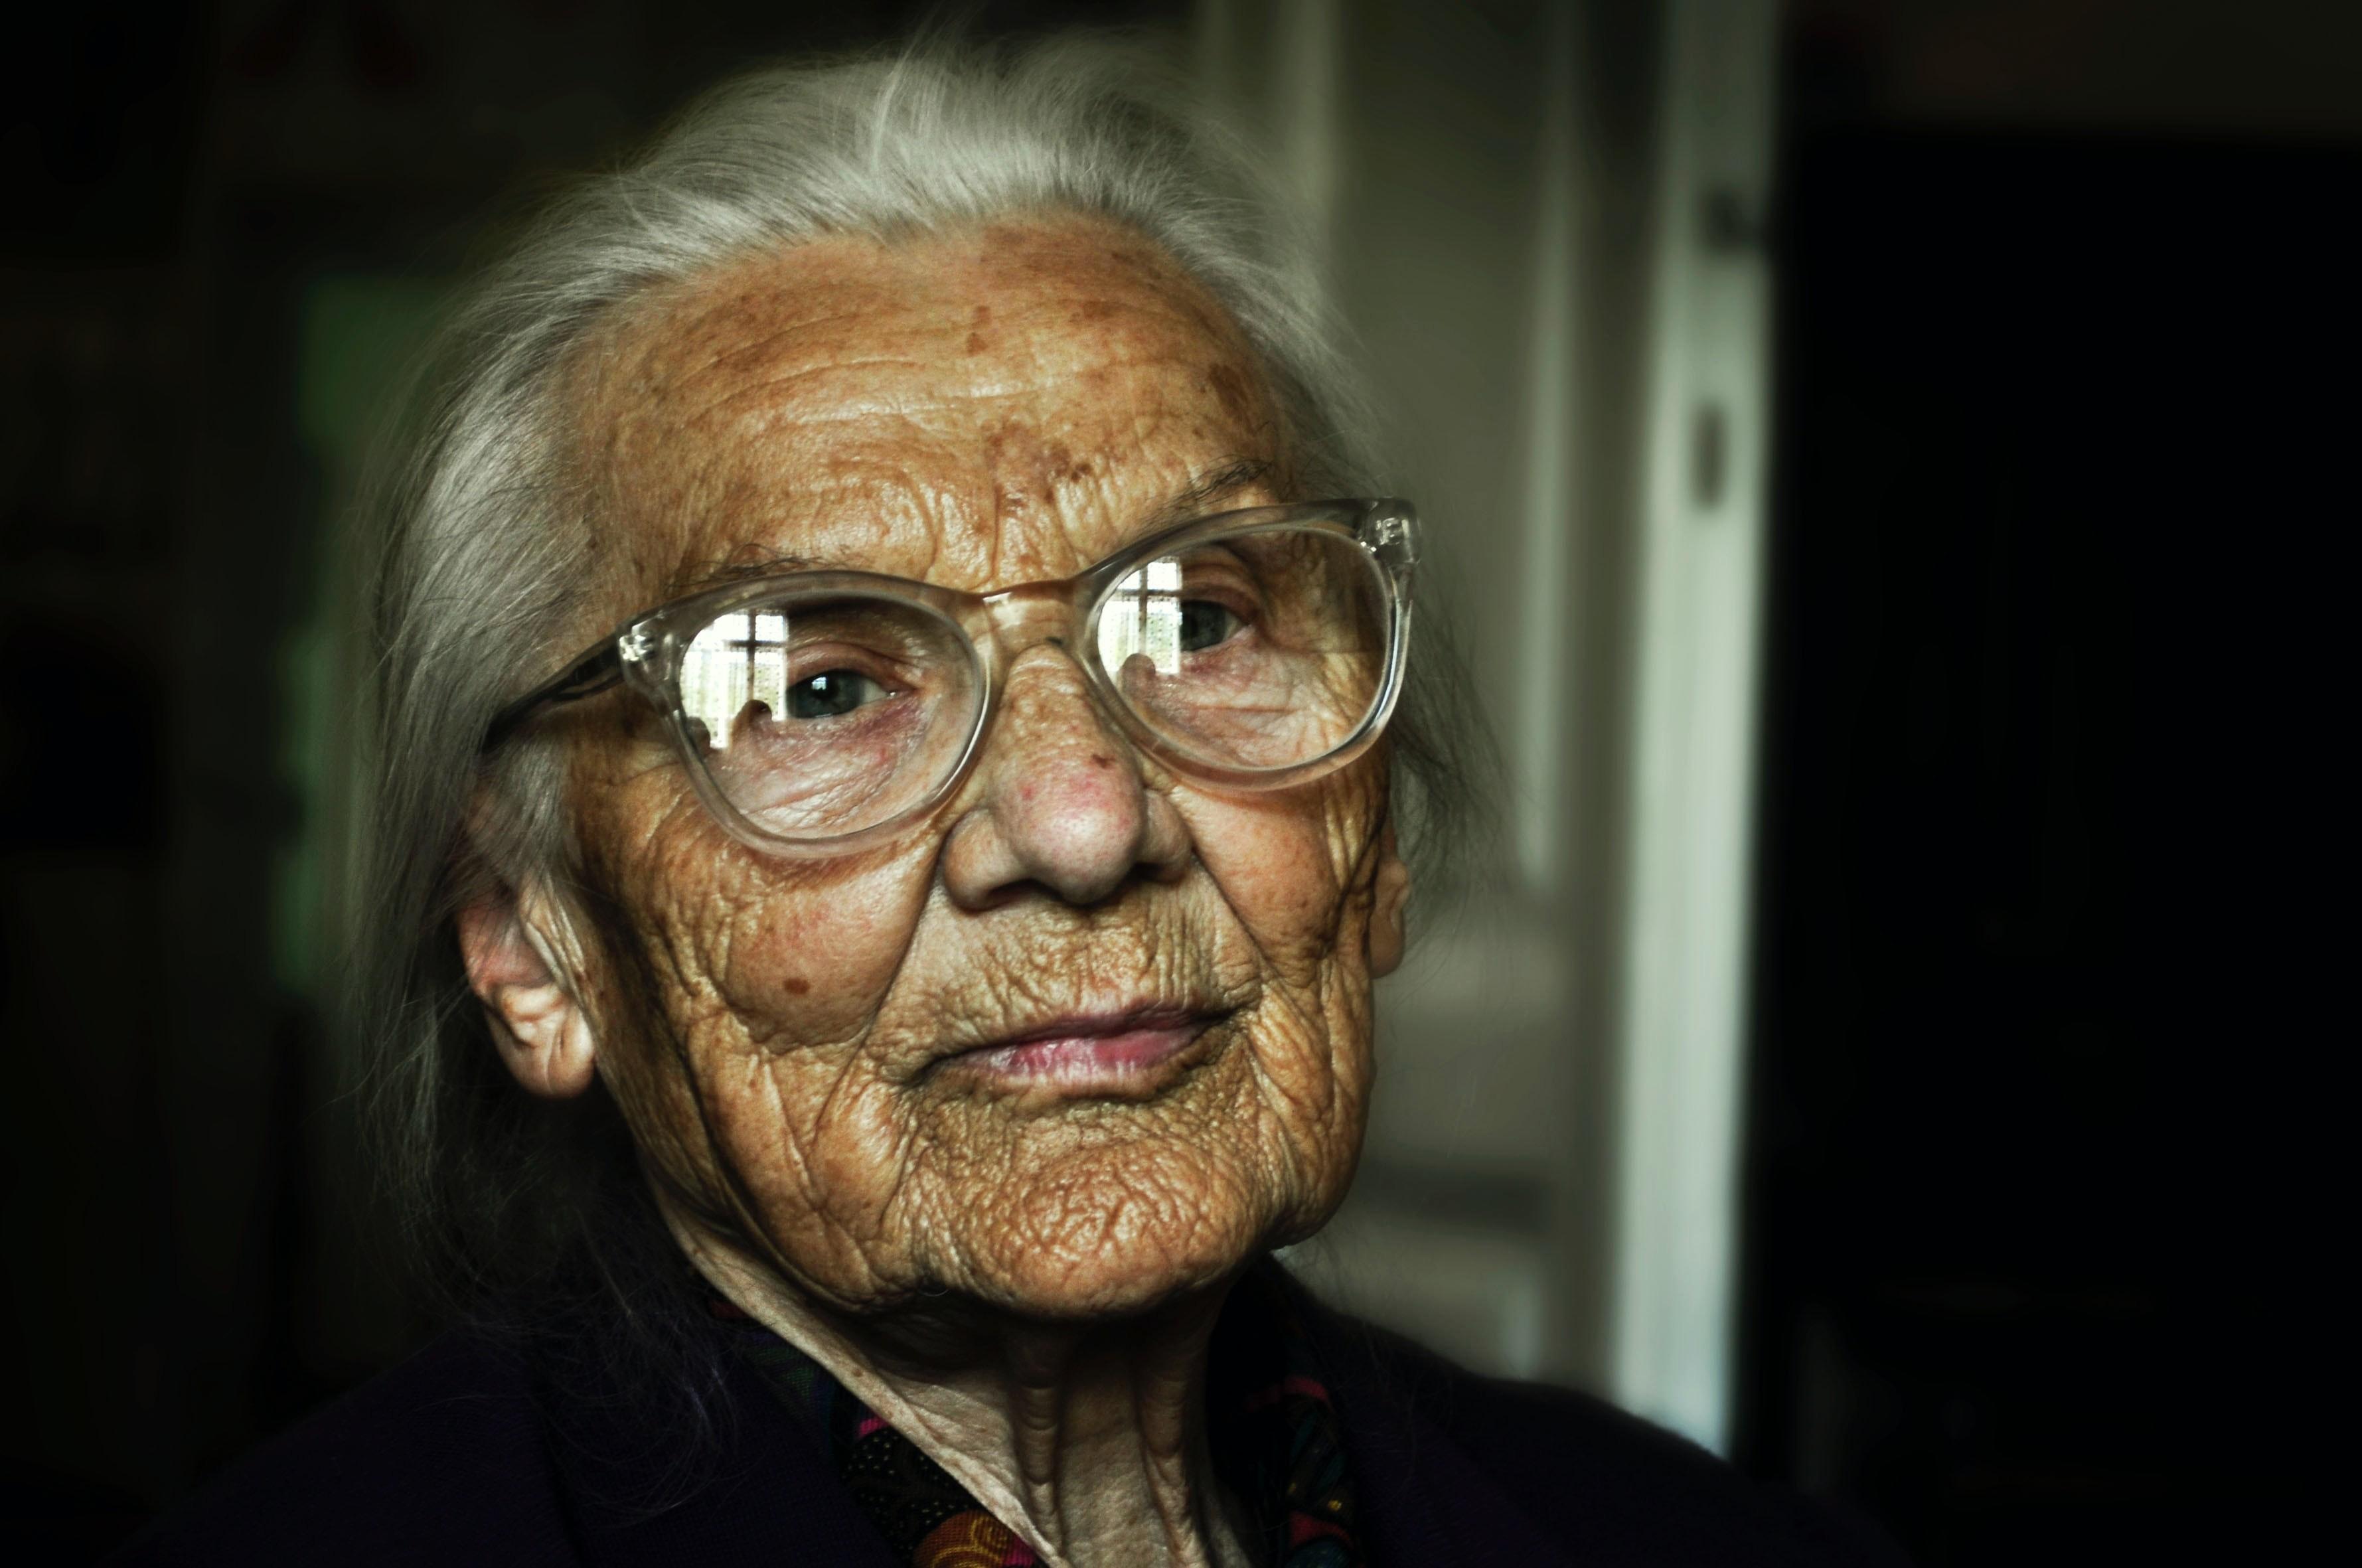 Idosos com Alzheimer são mais vulneráveis à infecção por Covid-19, aponta estudo. Acima: Idosa em um cômodo pouco iluminado olha para o horizonte (Foto: mali desha/Unsplash)